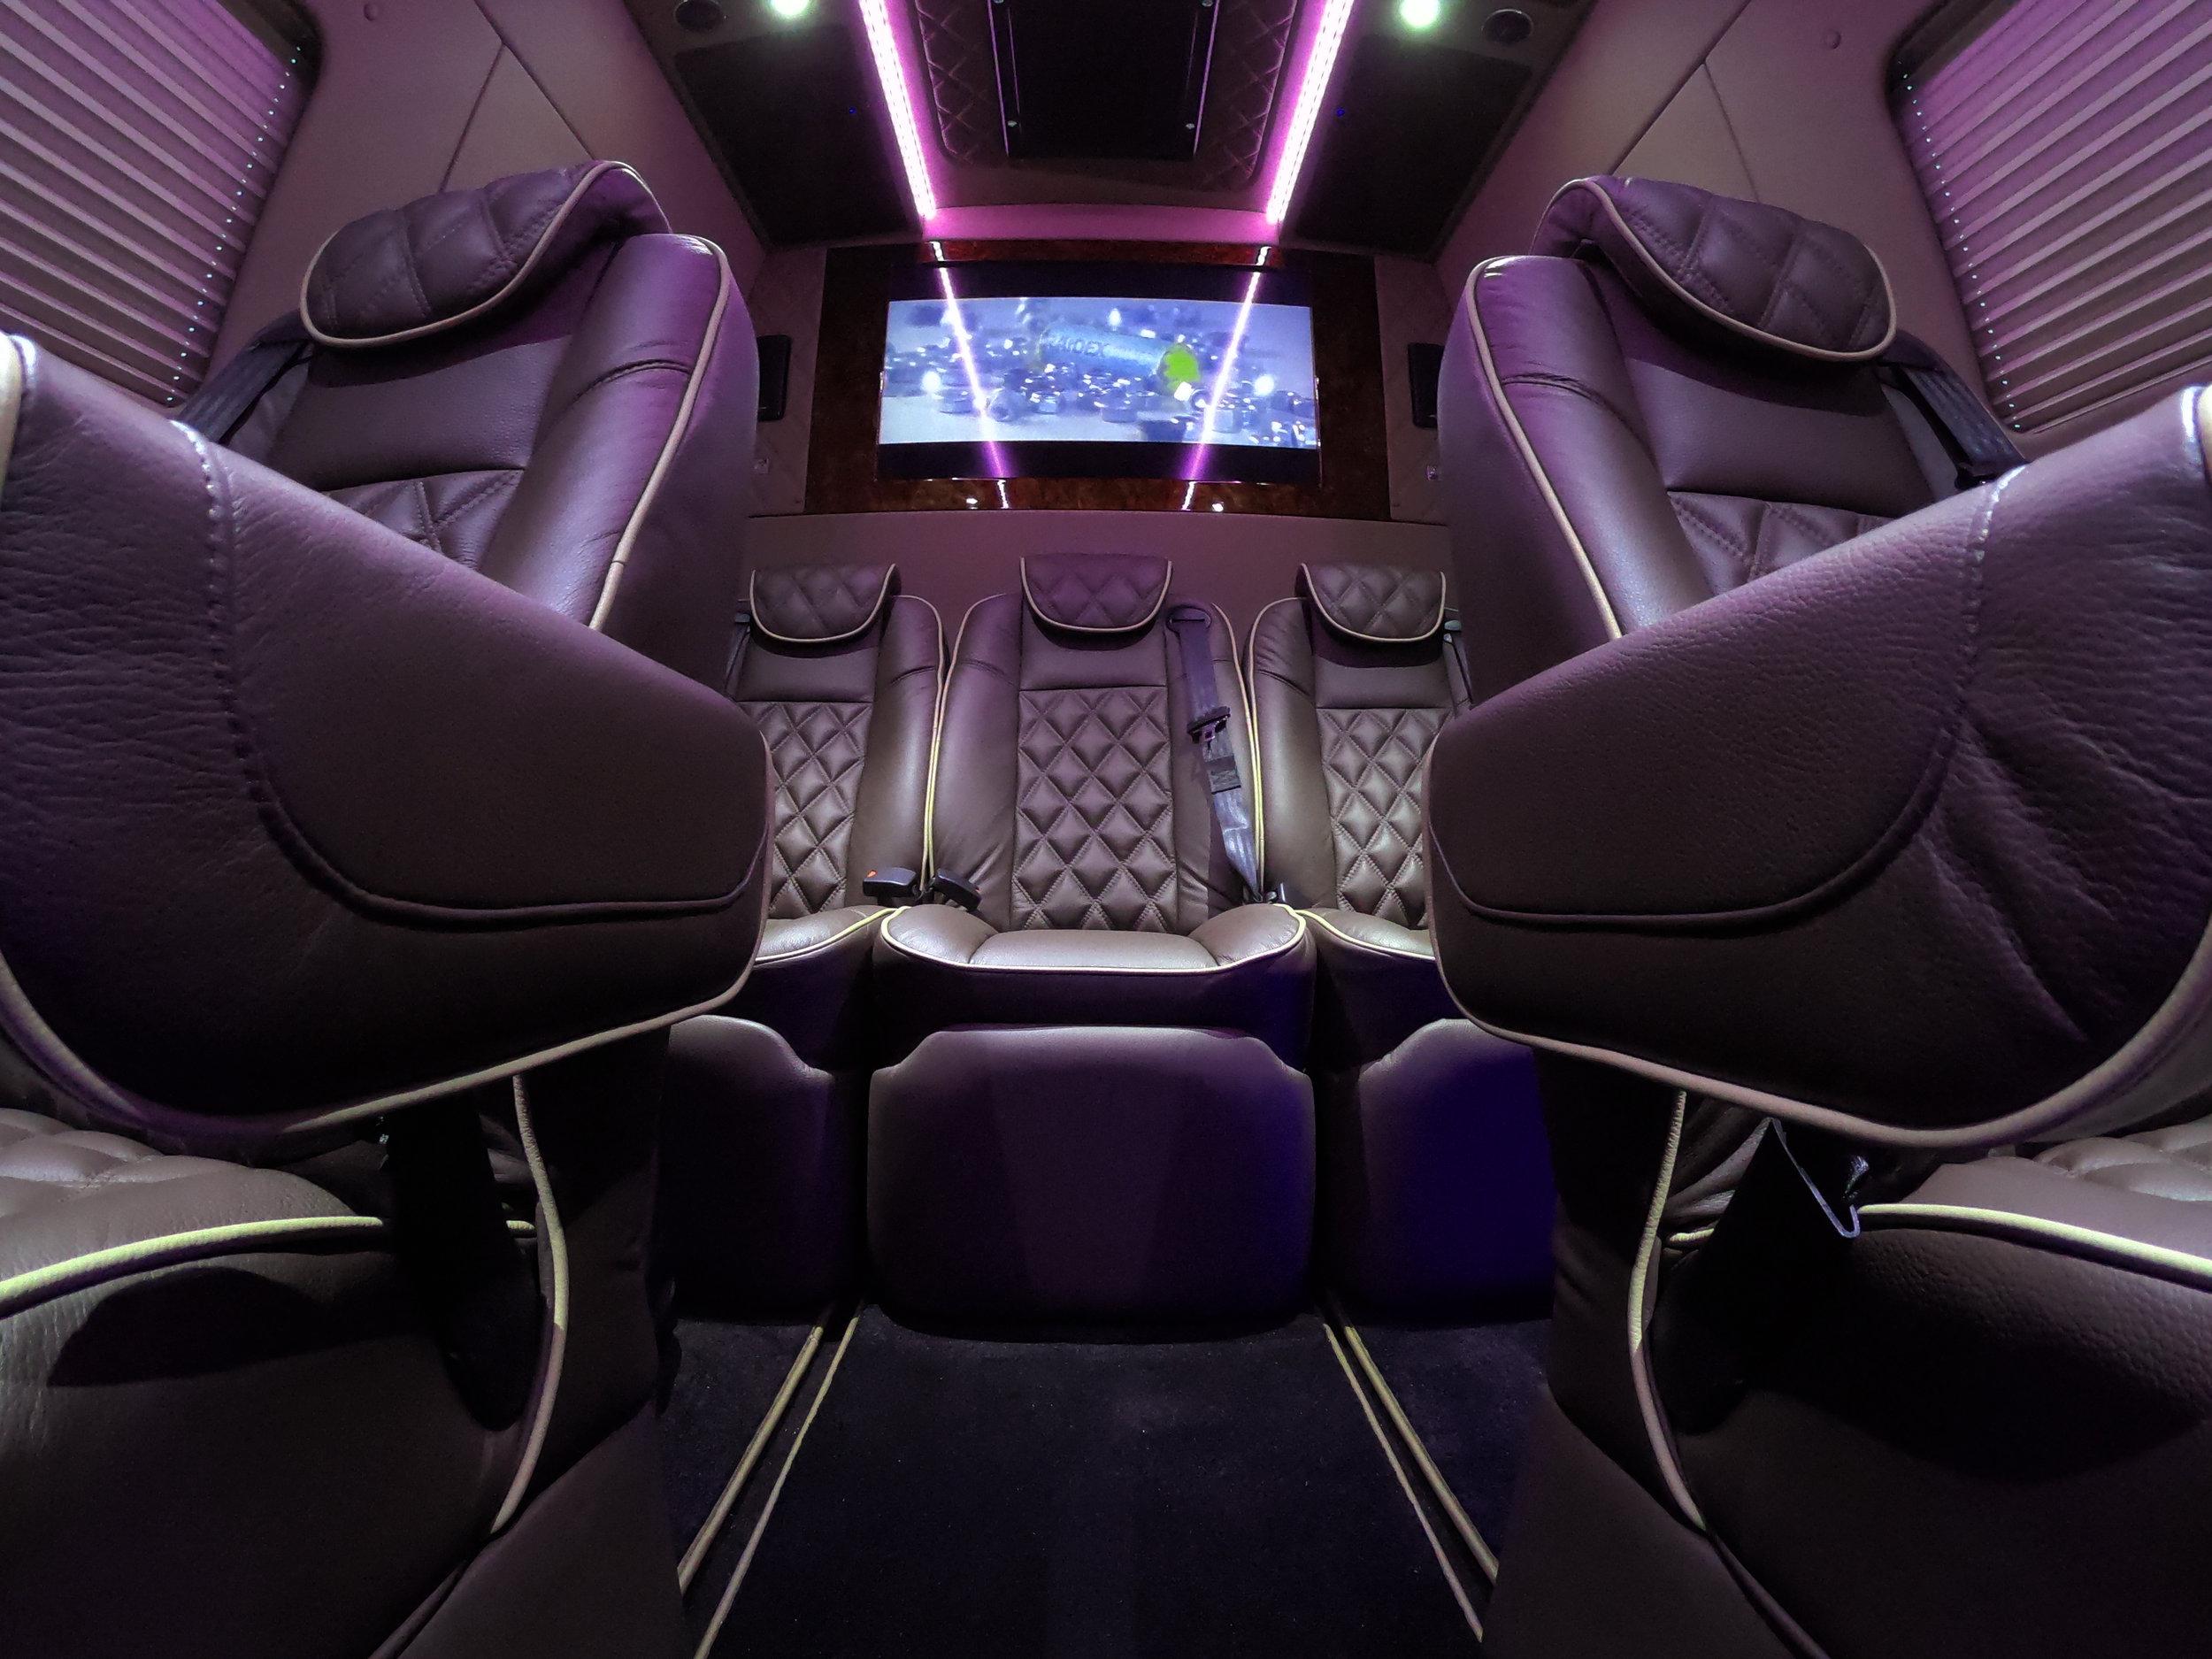 Inside the luxury Monaco Sprinter